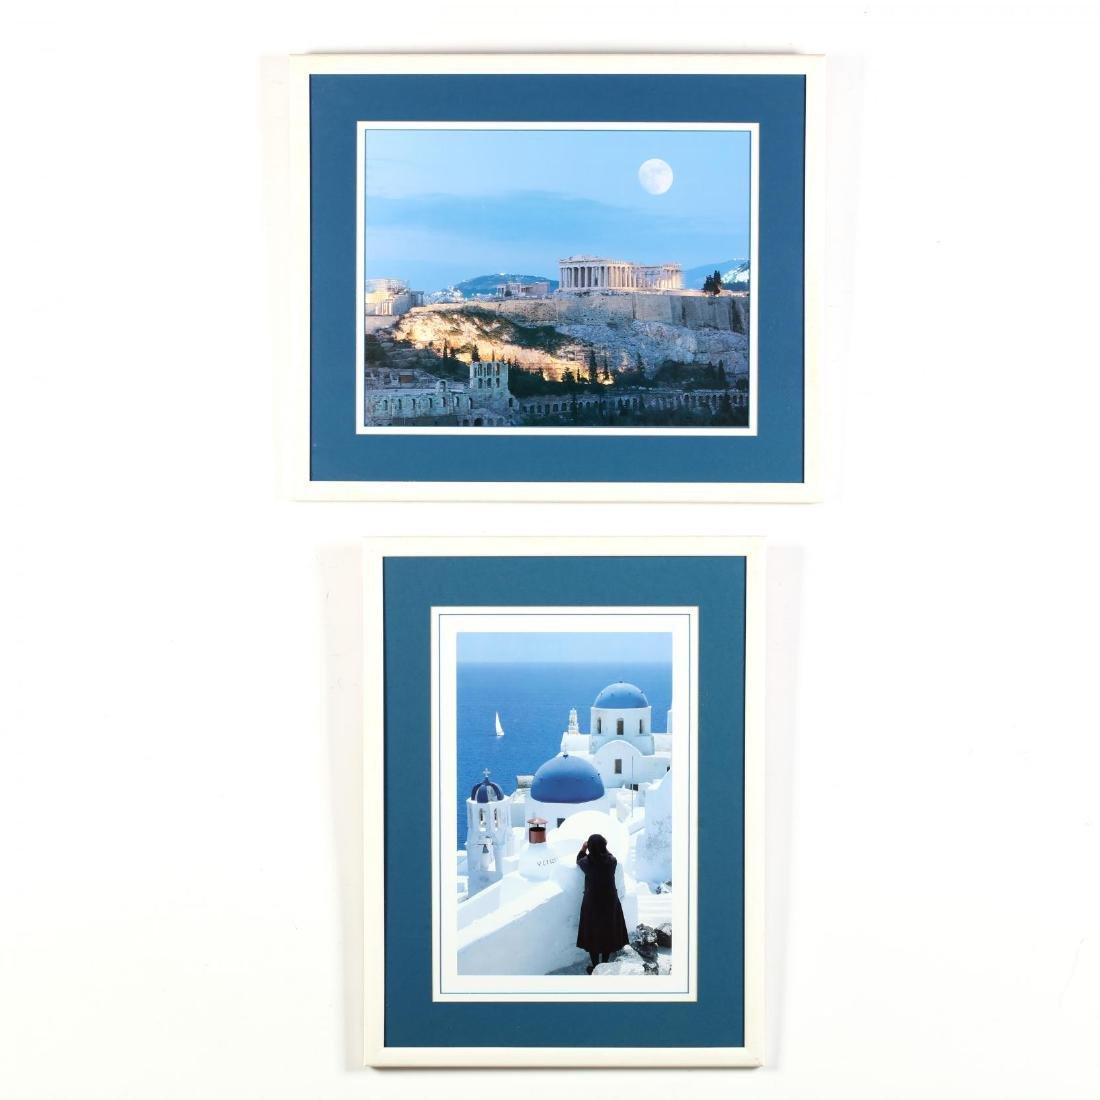 Two Framed Photographs of Greek Landmarks